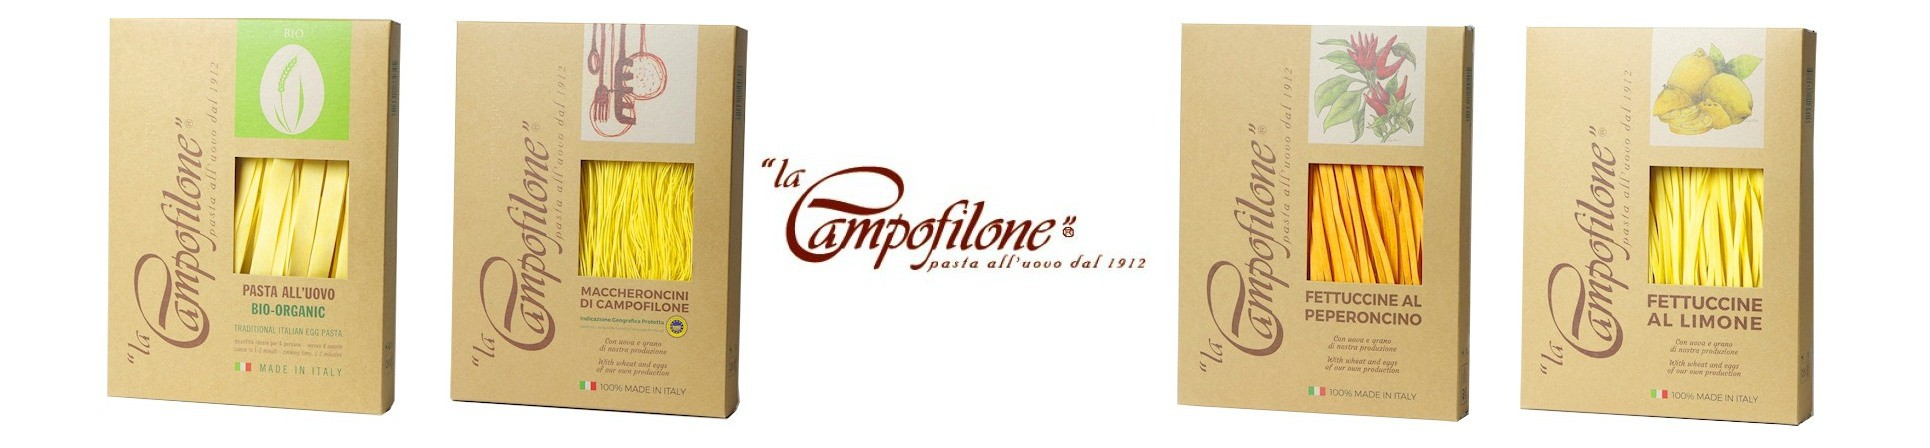 B2B GUSTOX - il Marketplace all'ingrosso delle eccellenze agroalimentari italiane - La CAMPOFILONE